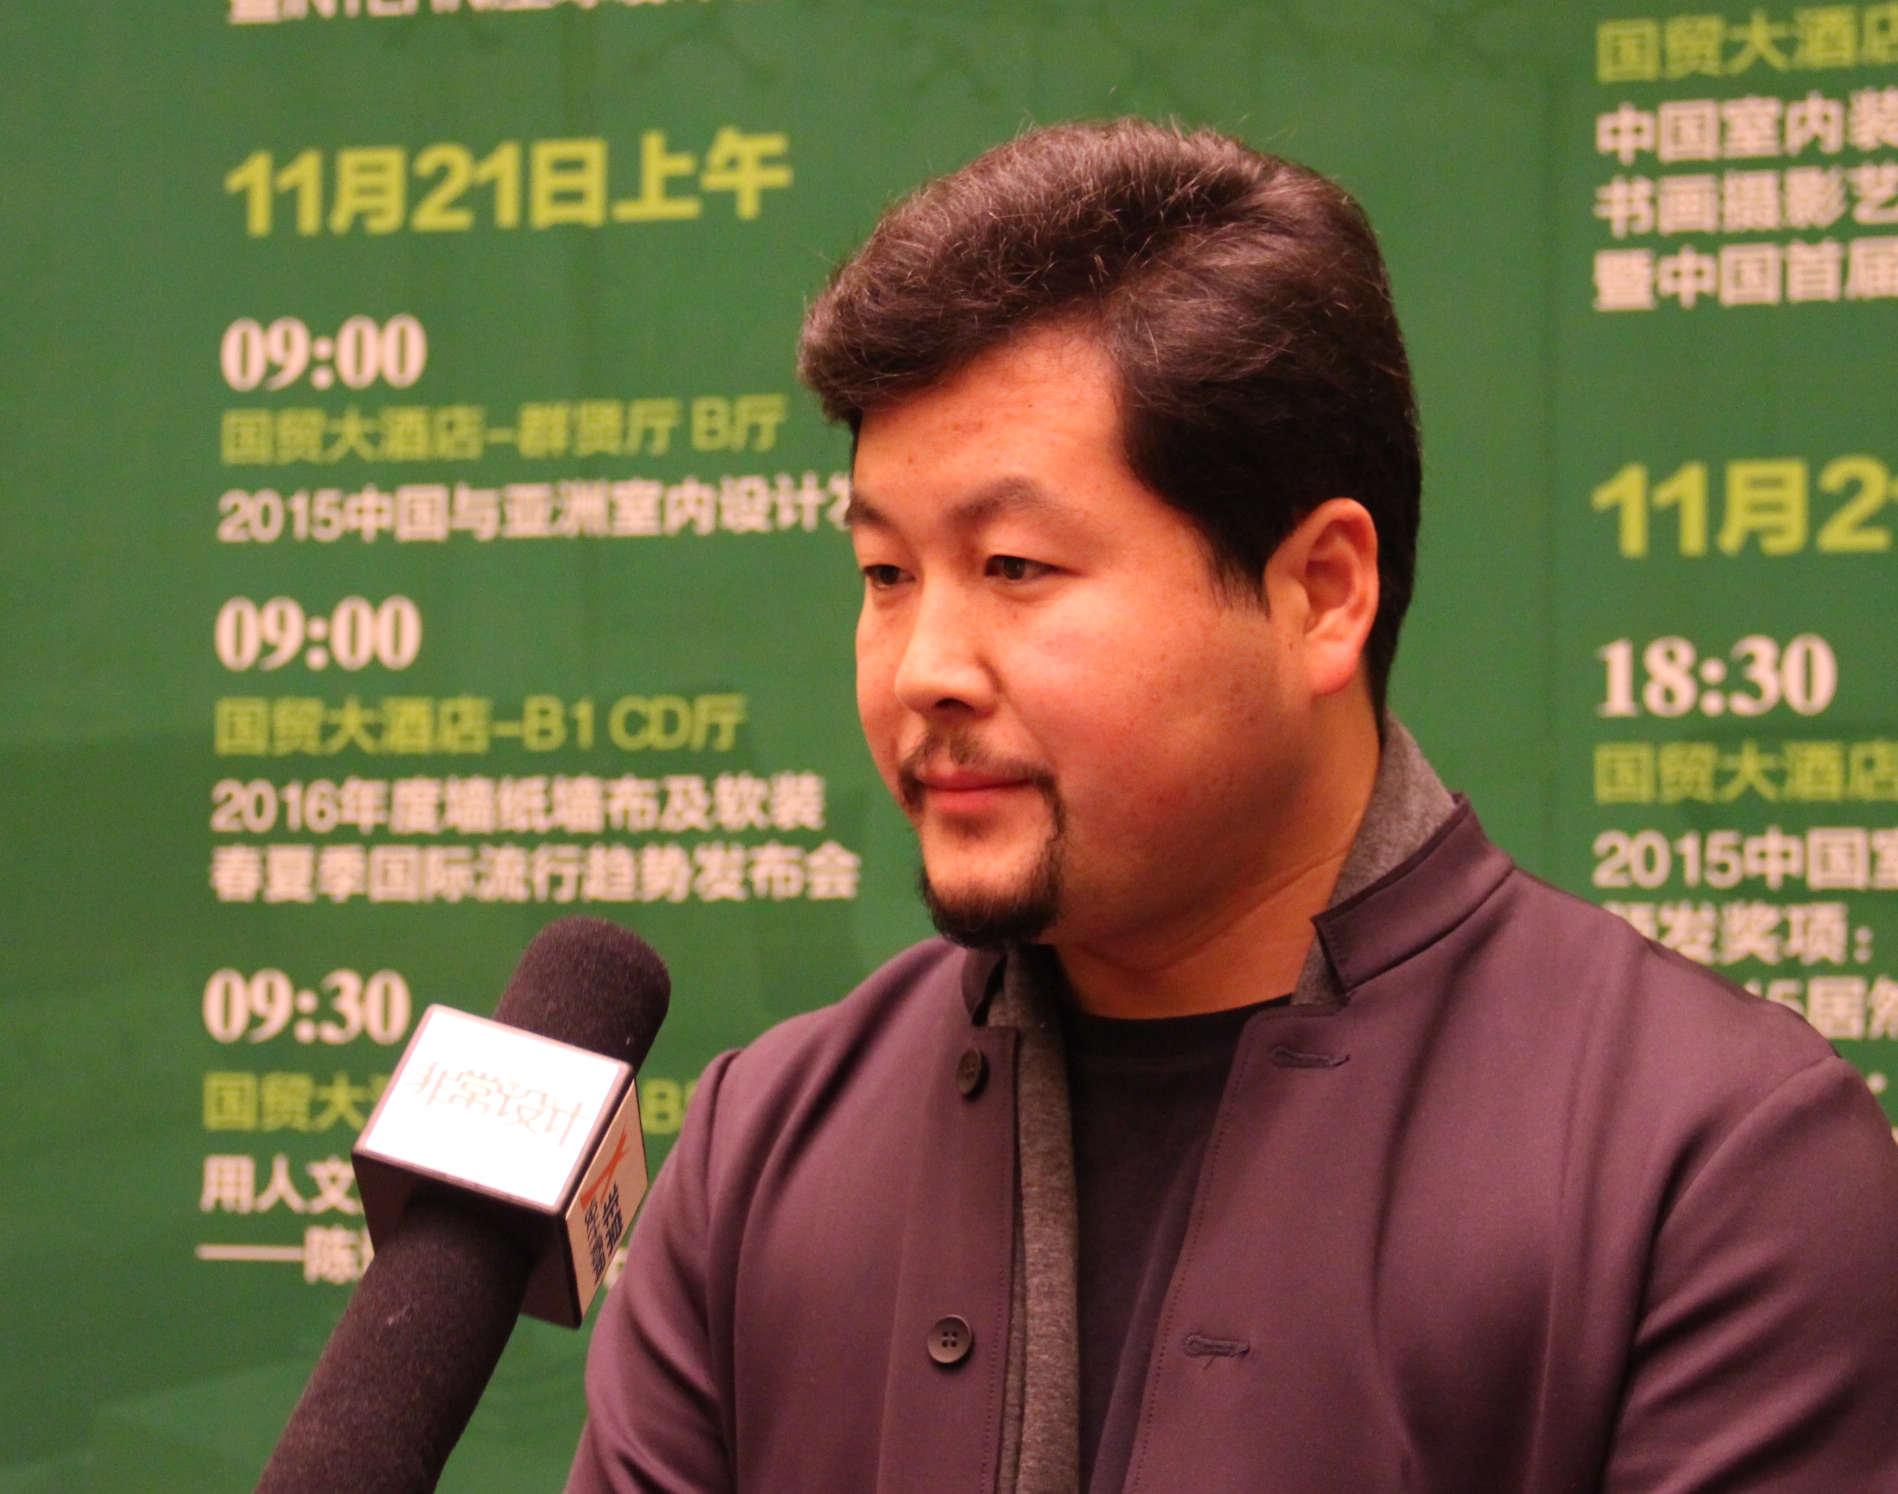 王海鹏:回归本质设计,实现服务为民